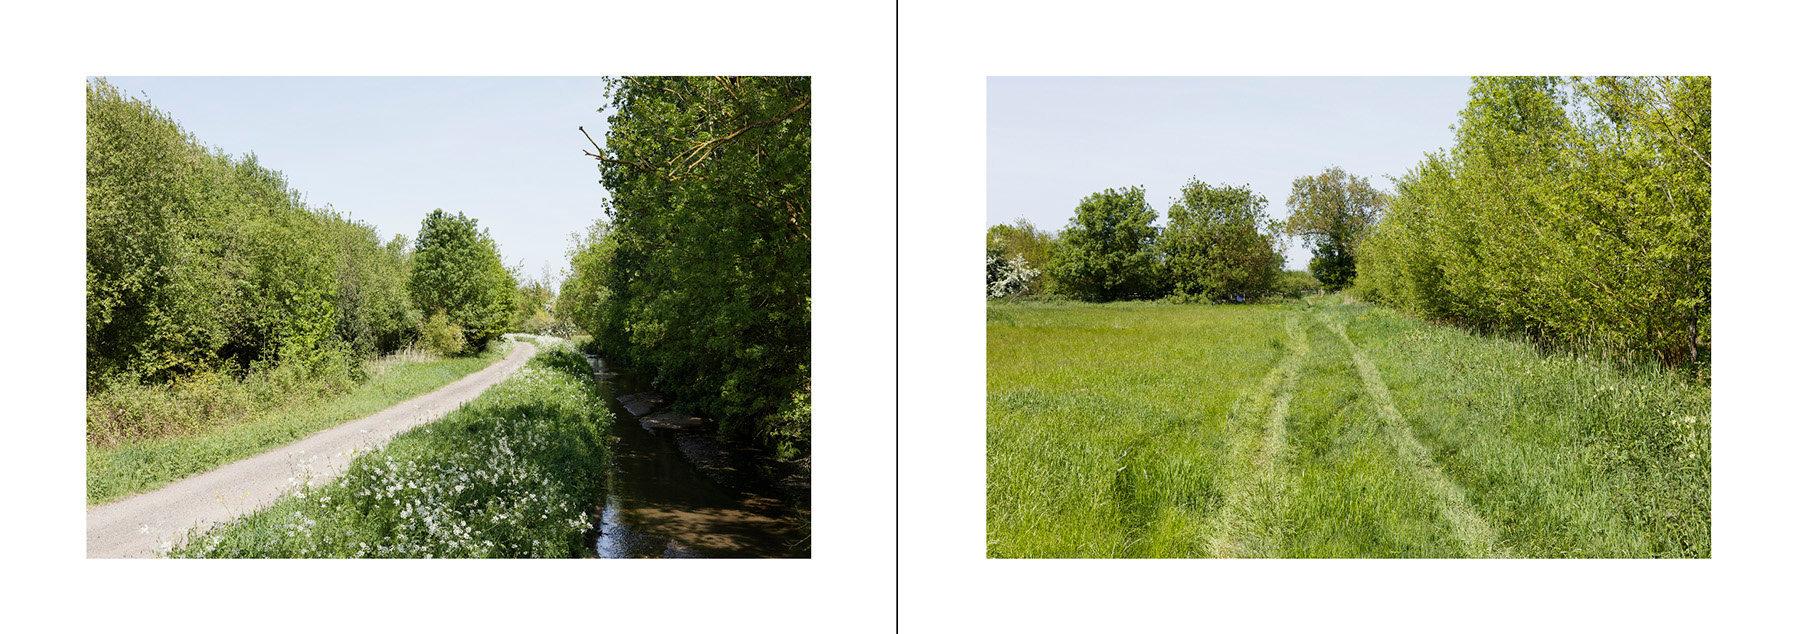 Le Loraux-Bottereau_Mauves-sur-Loire-page018 copie.jpg